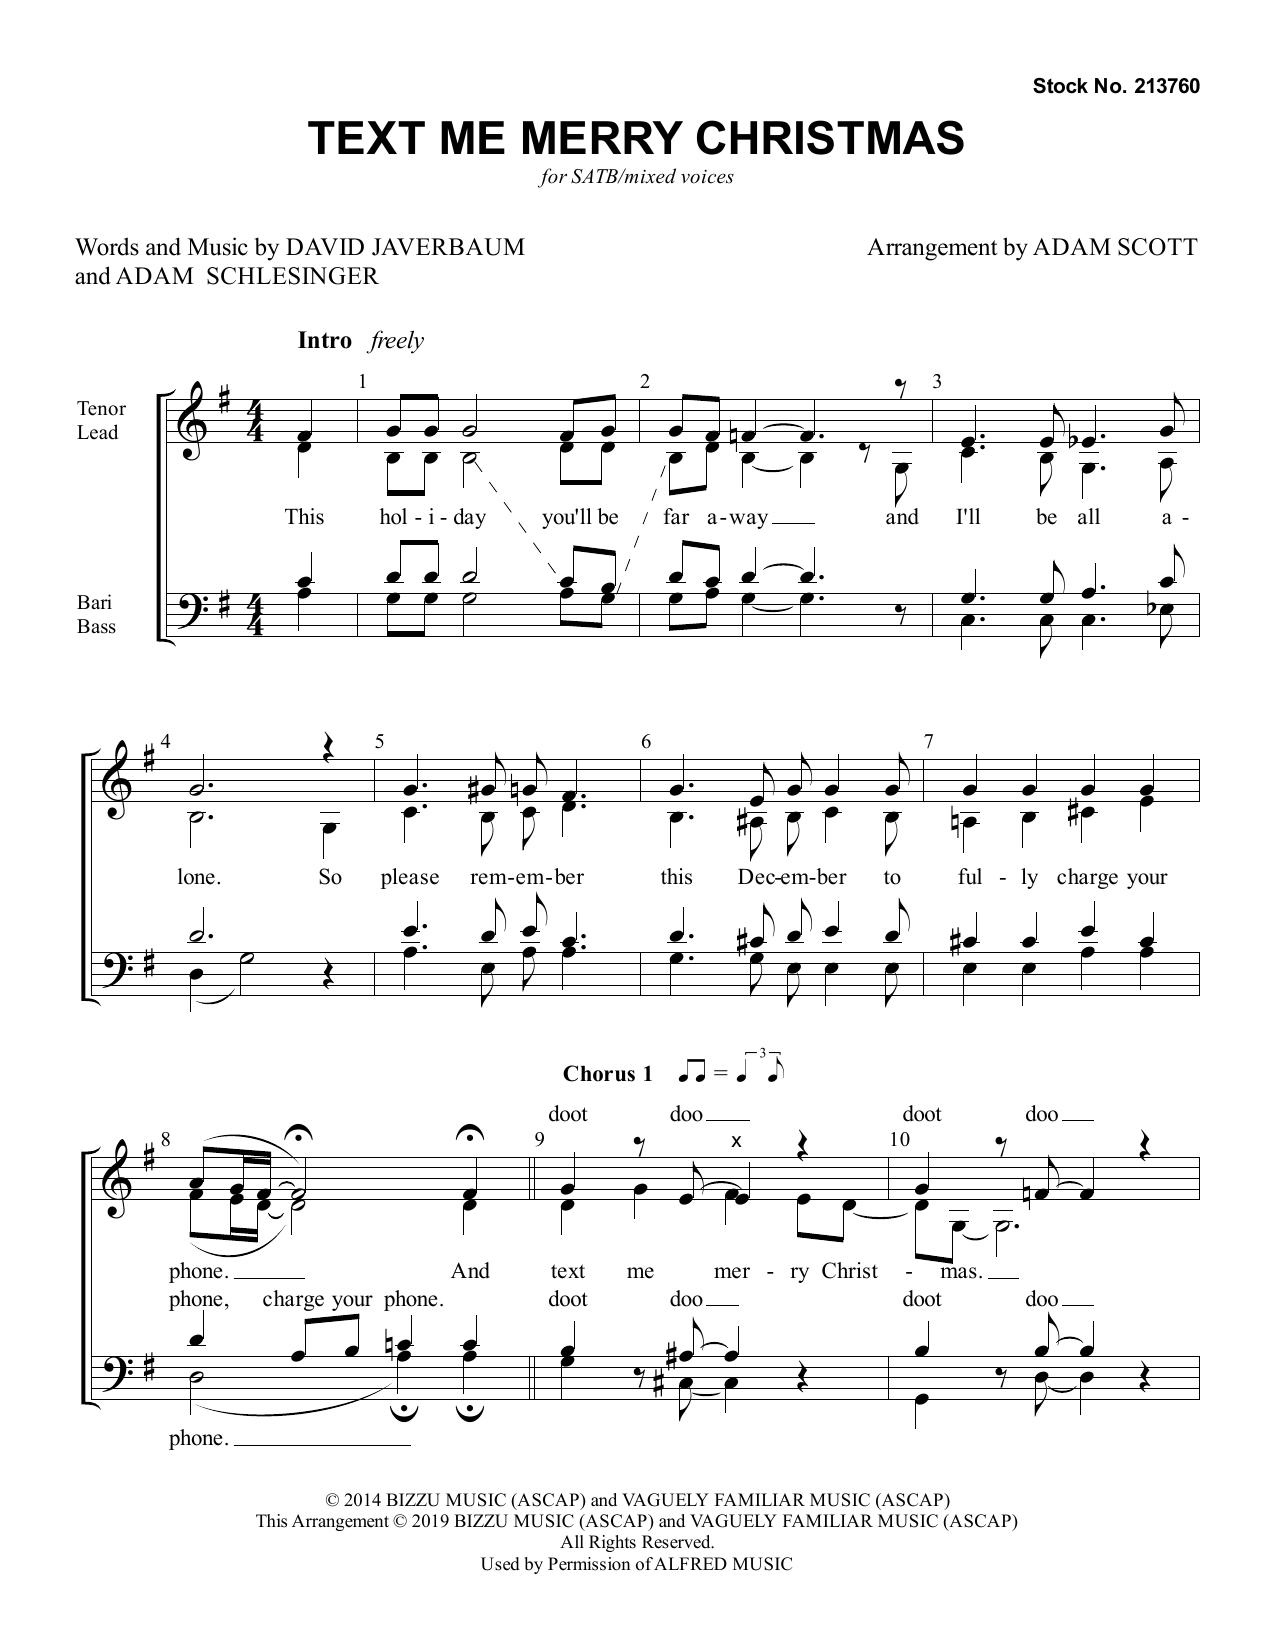 Text Me Merry Christmas (arr. Adam Scott) Sheet Music